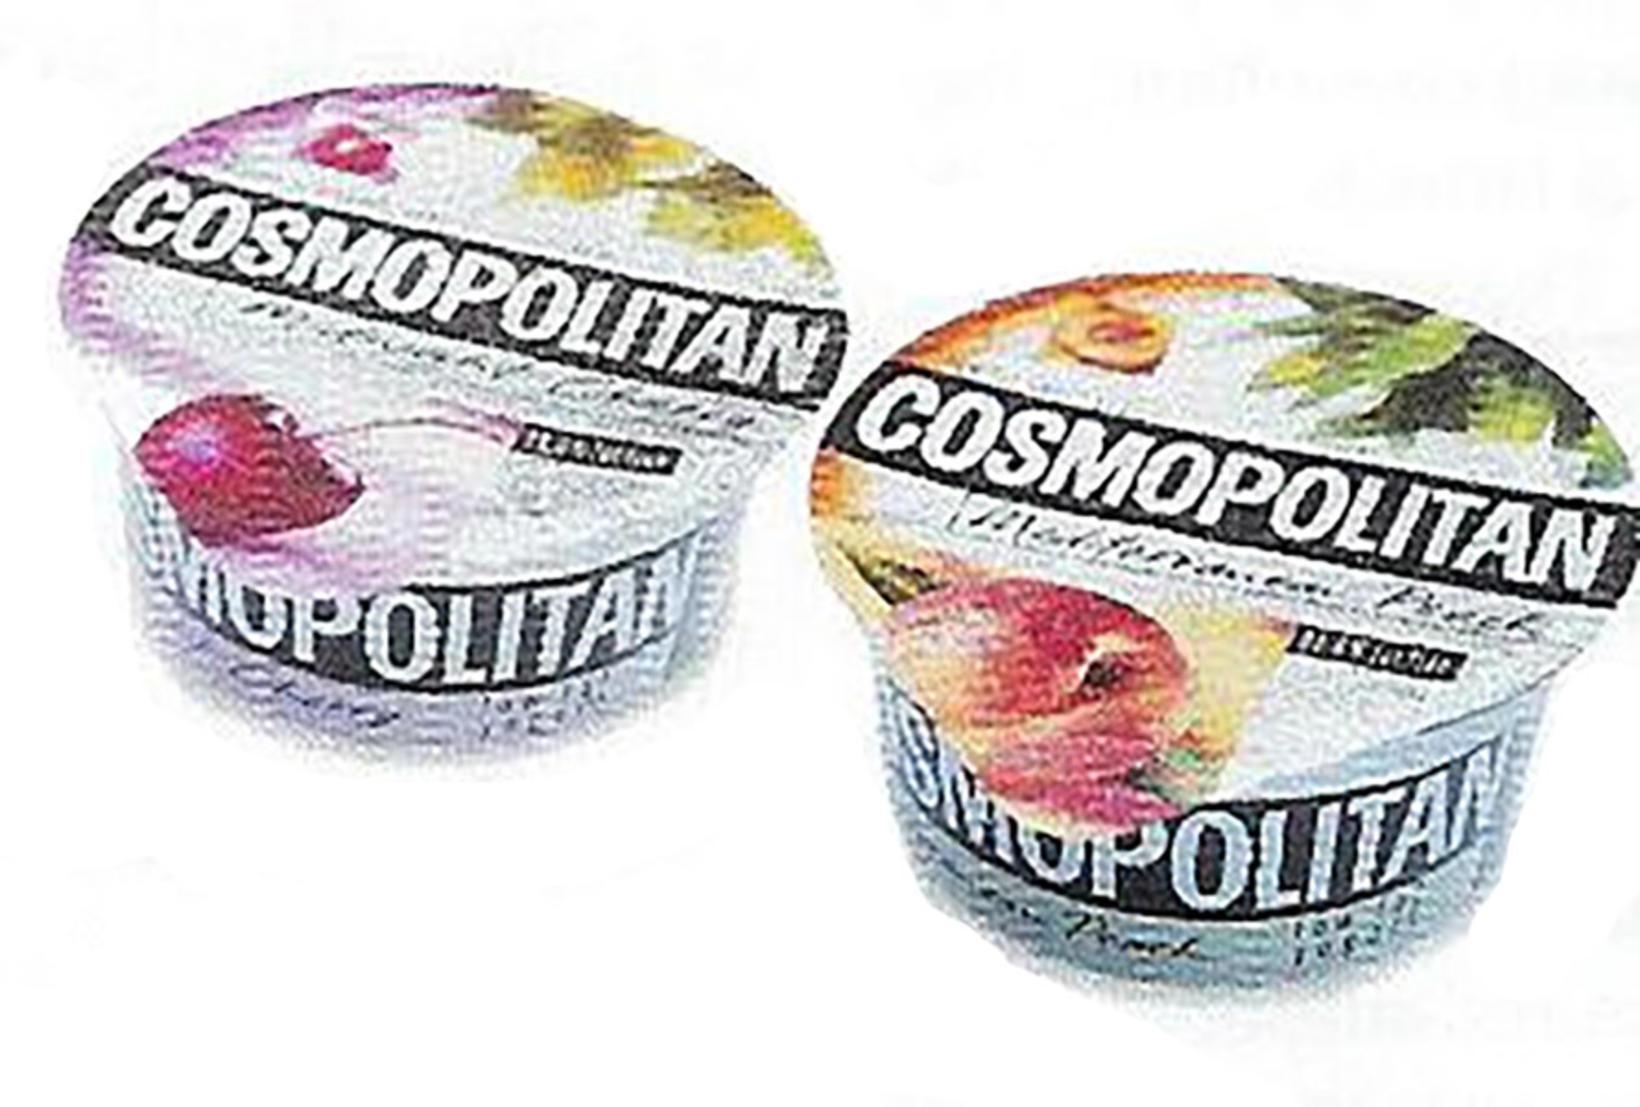 Vinsældir Cosmopolitan tímaritsins voru slíkar á tíunda áratugnum að einhver ...